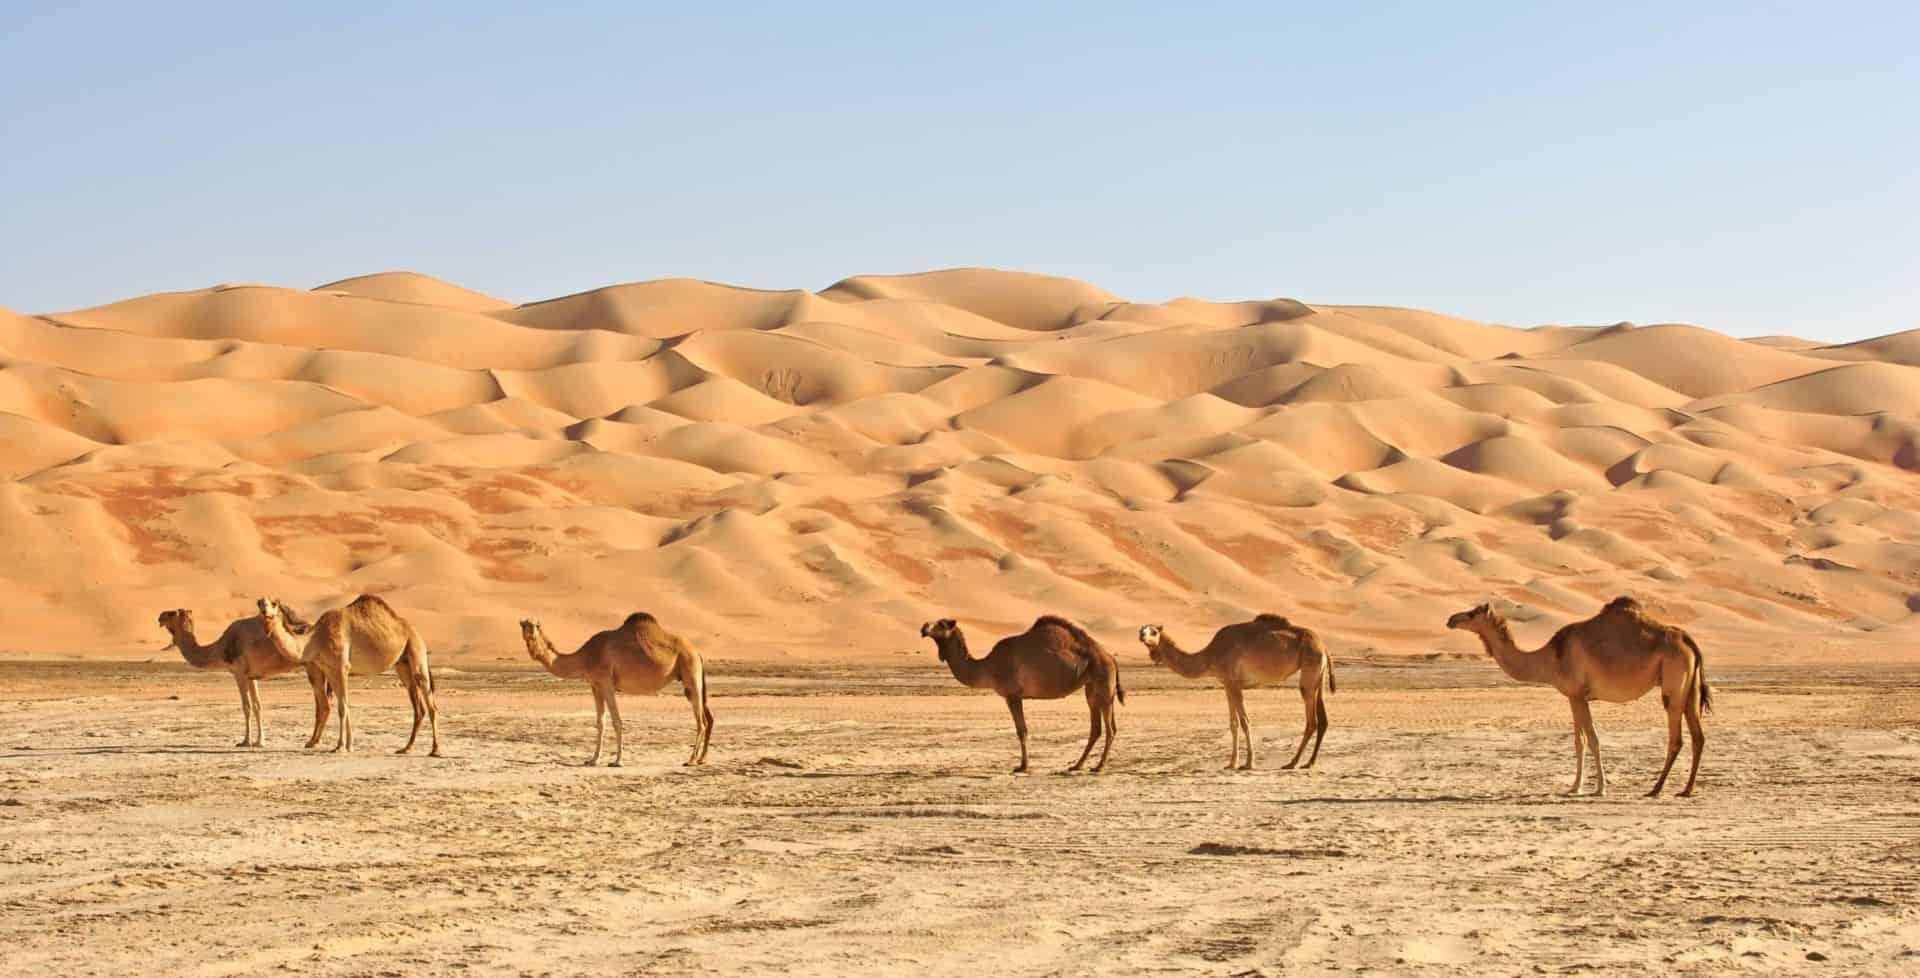 Rub' al Khali (The Empty Quarter)